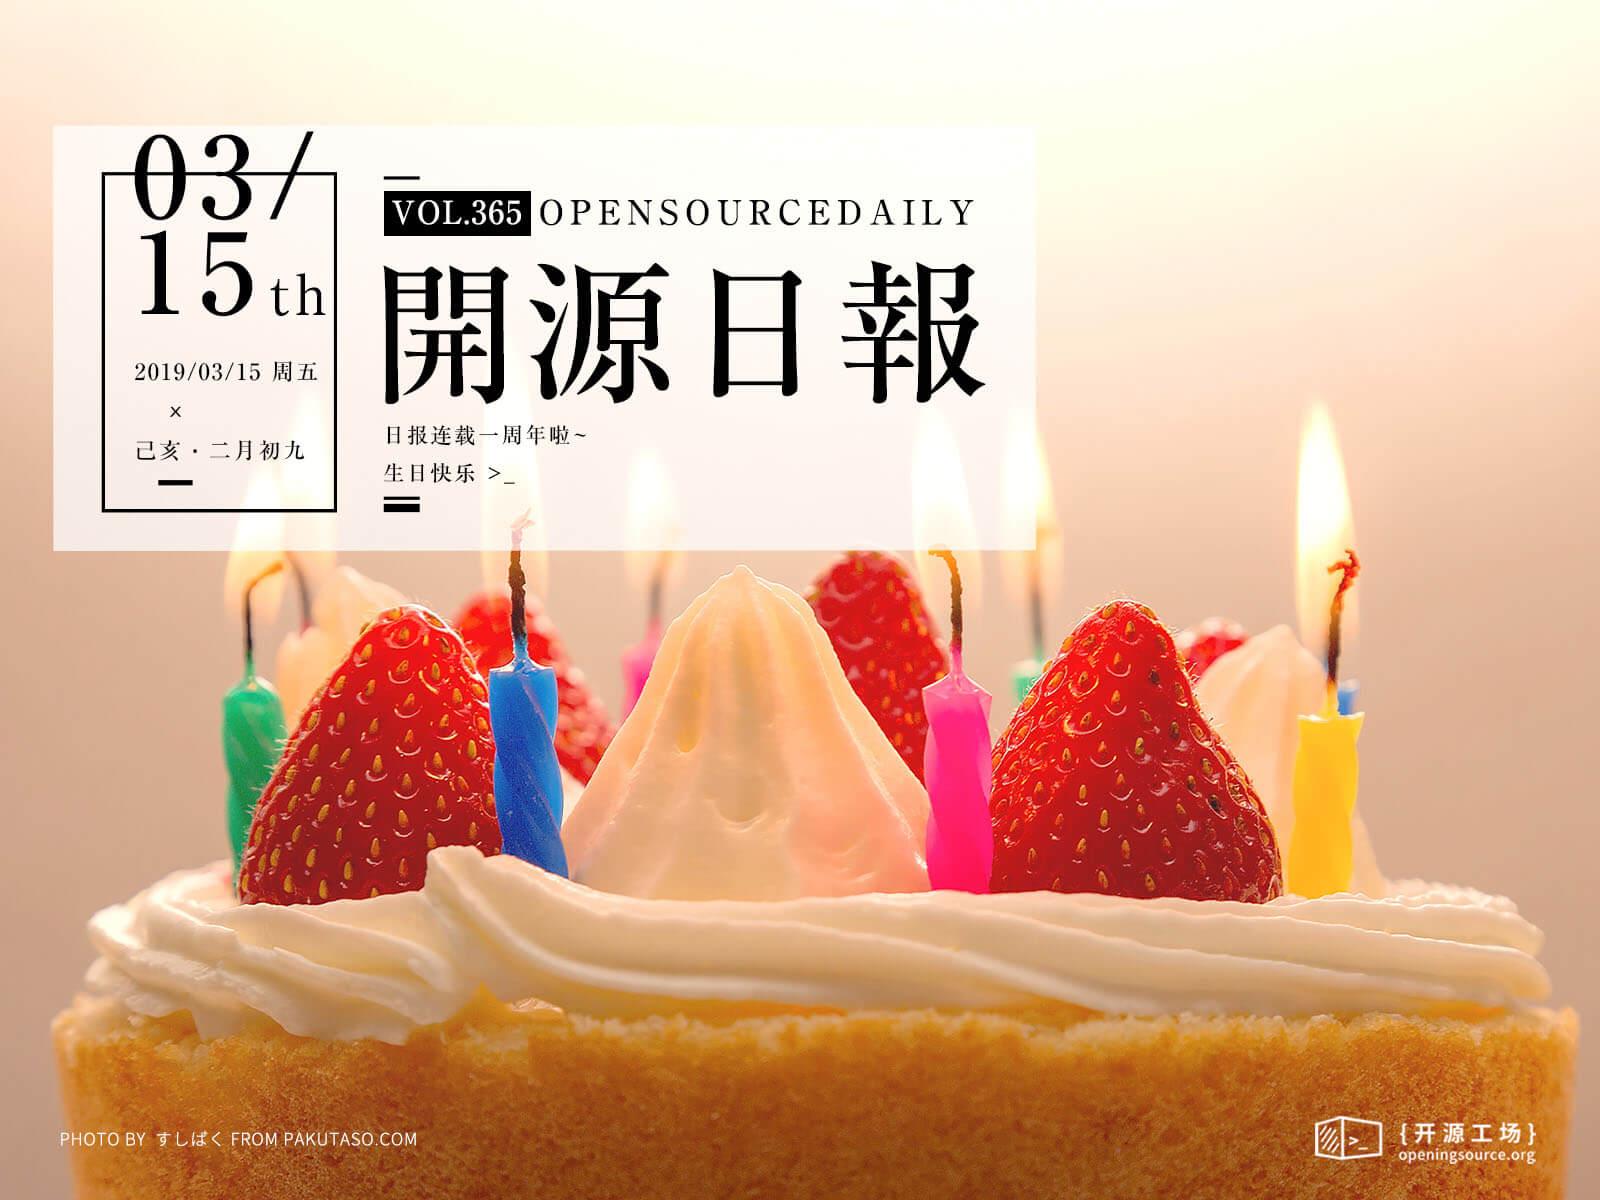 開源日報1周年:譬如朝露,愛你如注,第365期大感謝